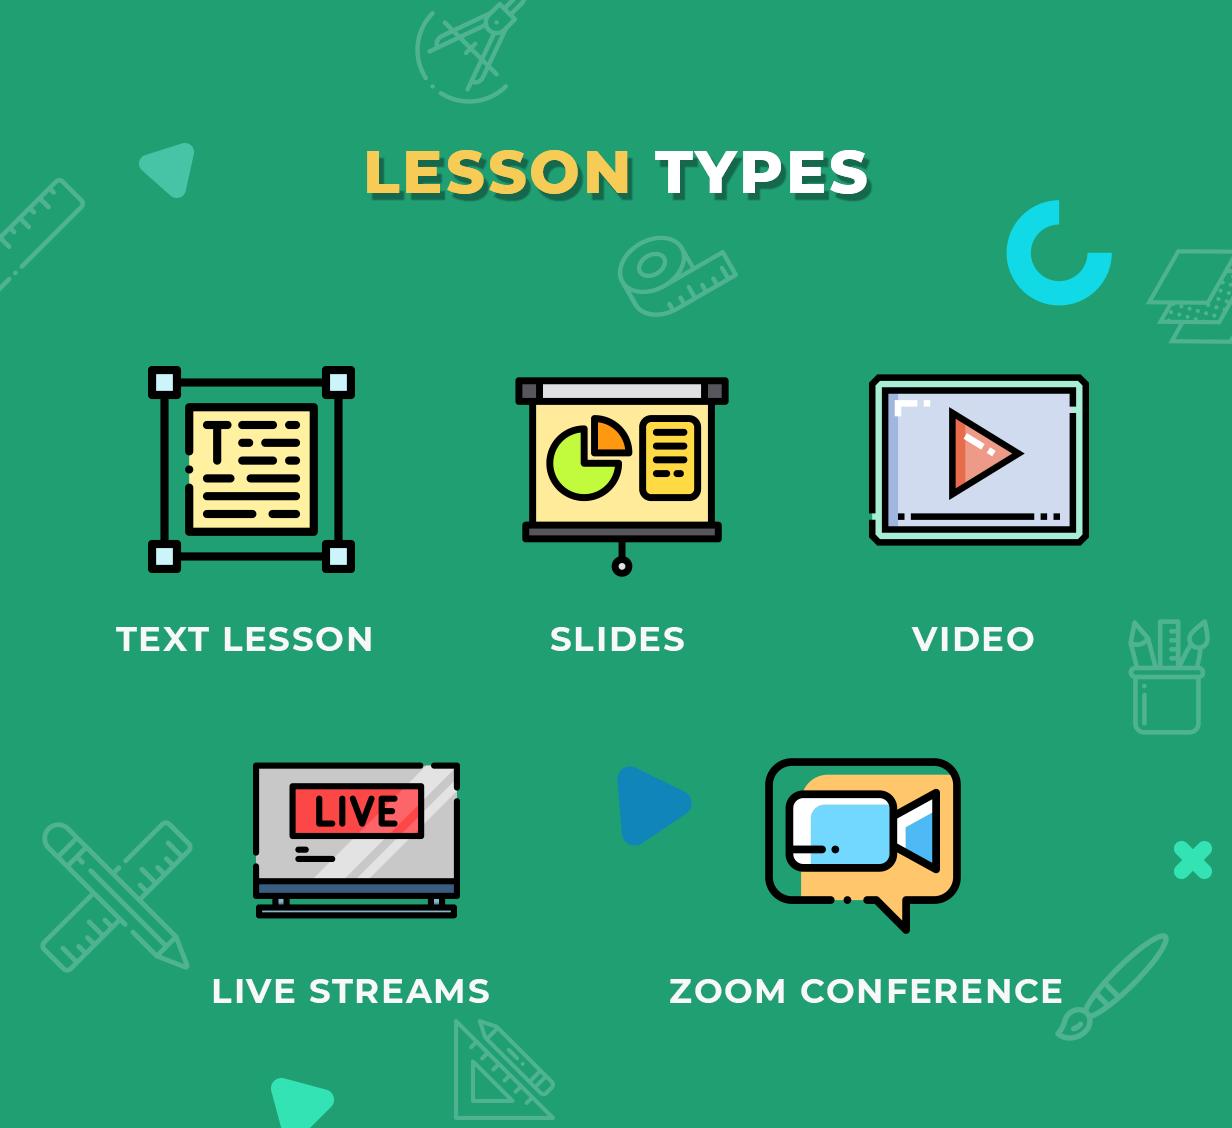 Education WordPress Theme - Lesson Types